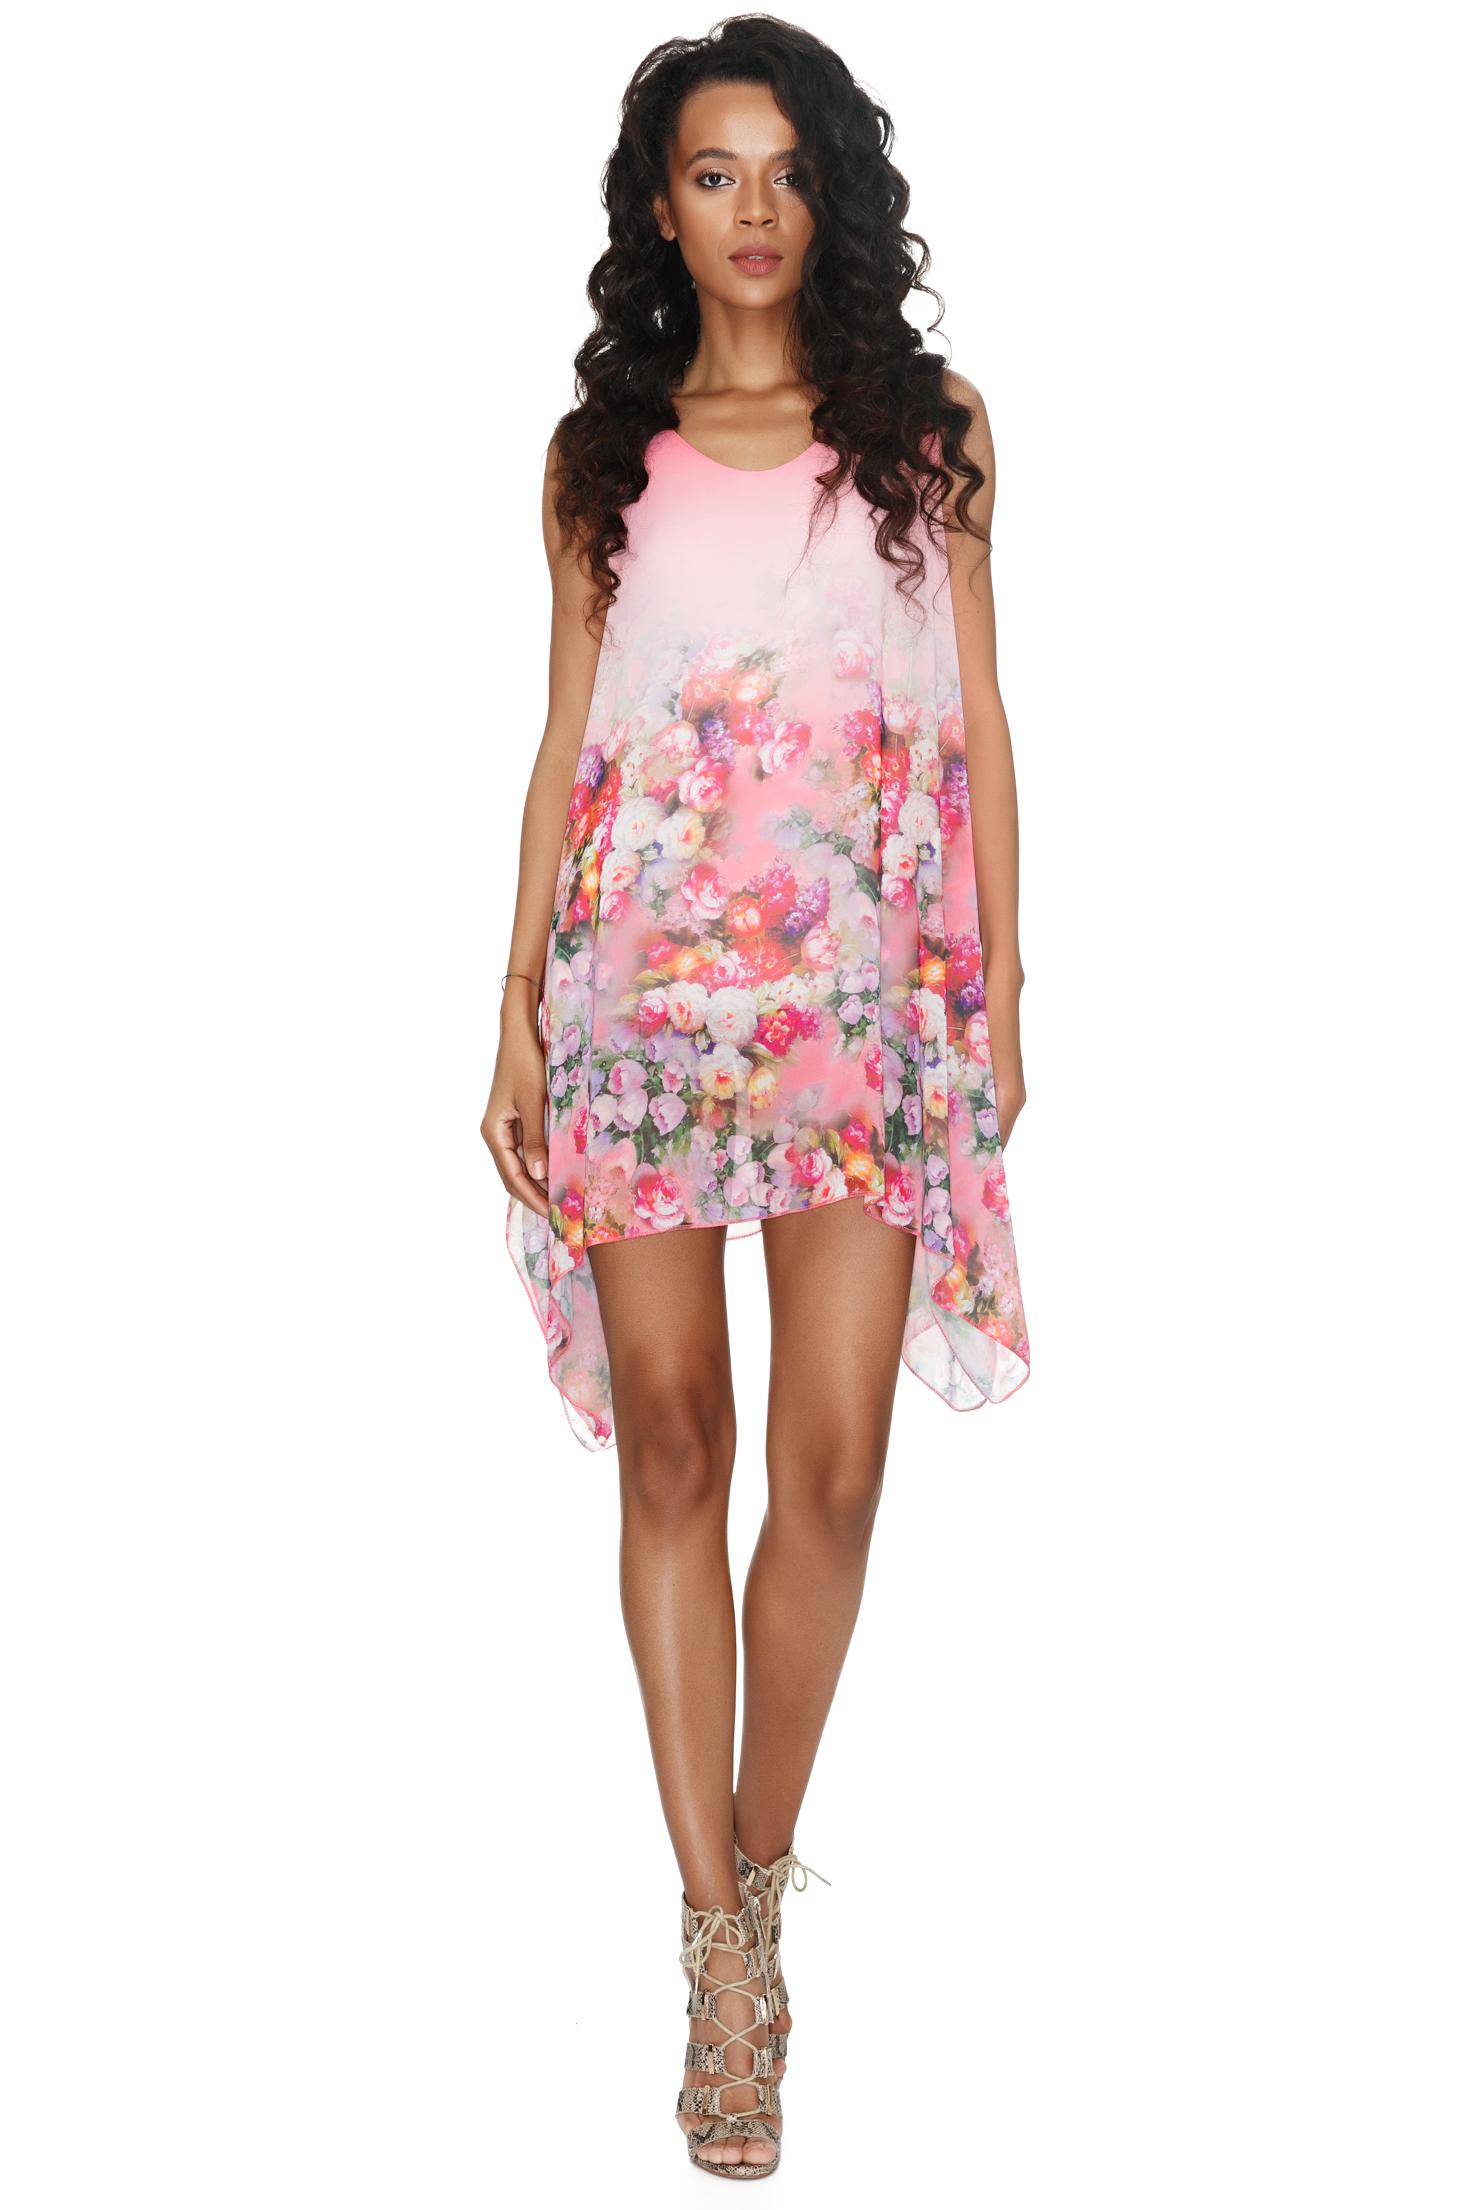 e0f541c1e476c Celosia Pink | Floral Sundress | Vero Milano Fashion Shop